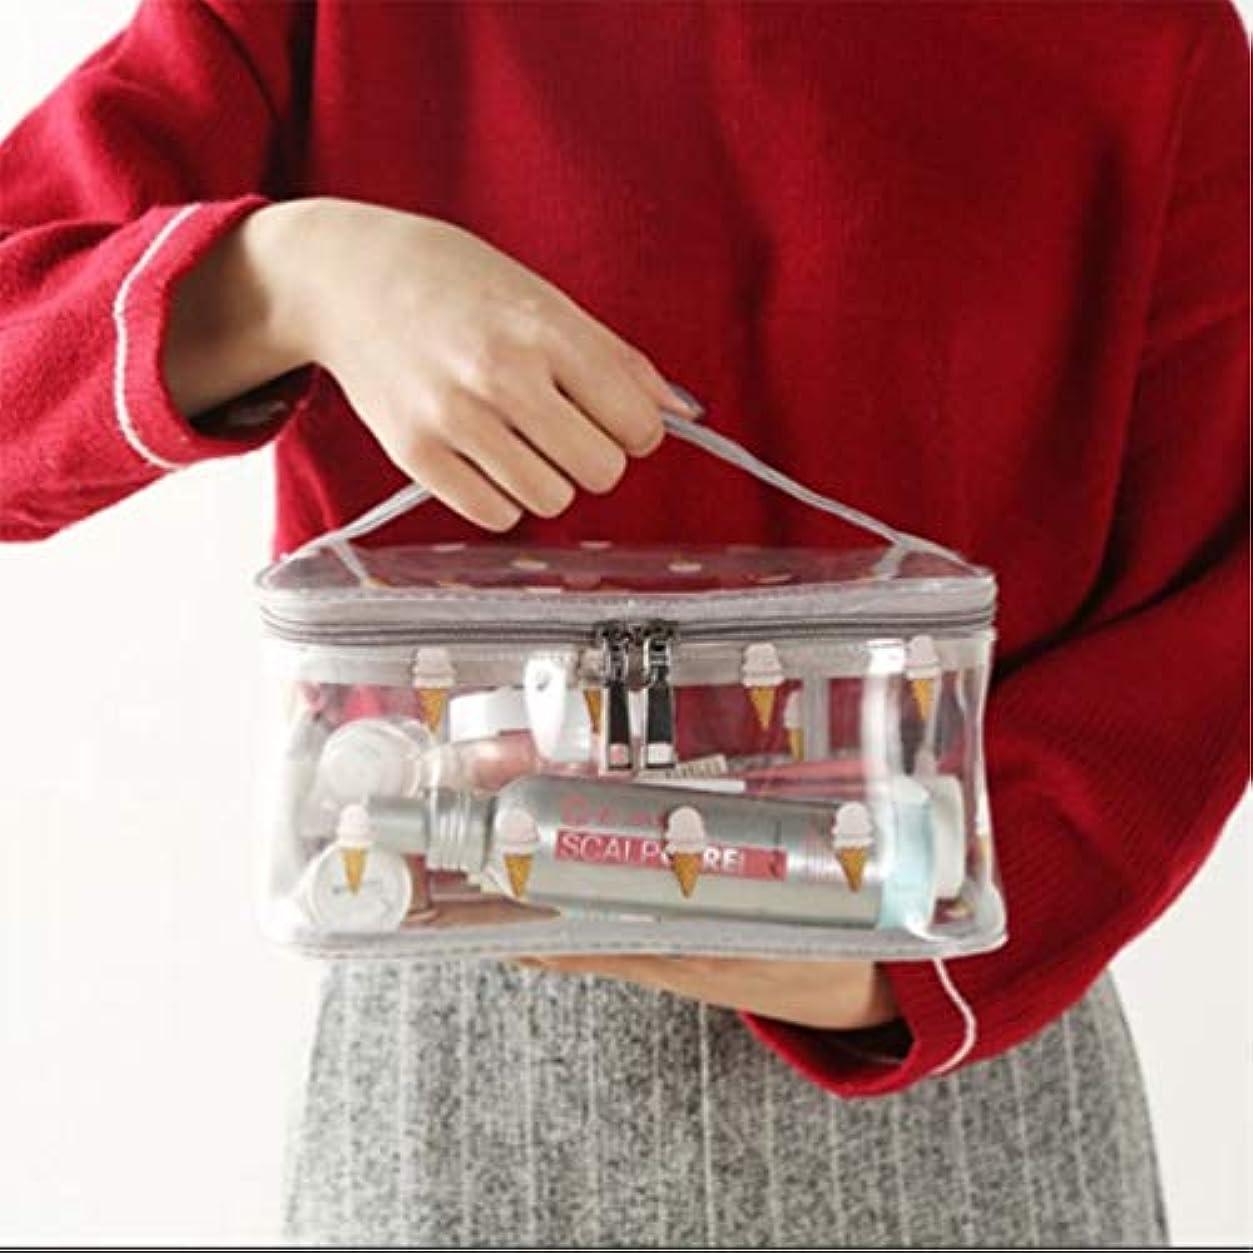 上院議員不安定お母さん化粧品収納バッグ、透明PVC旅行化粧バッグポーチ防水トイレタリーバッグ、ハンドルデザイン